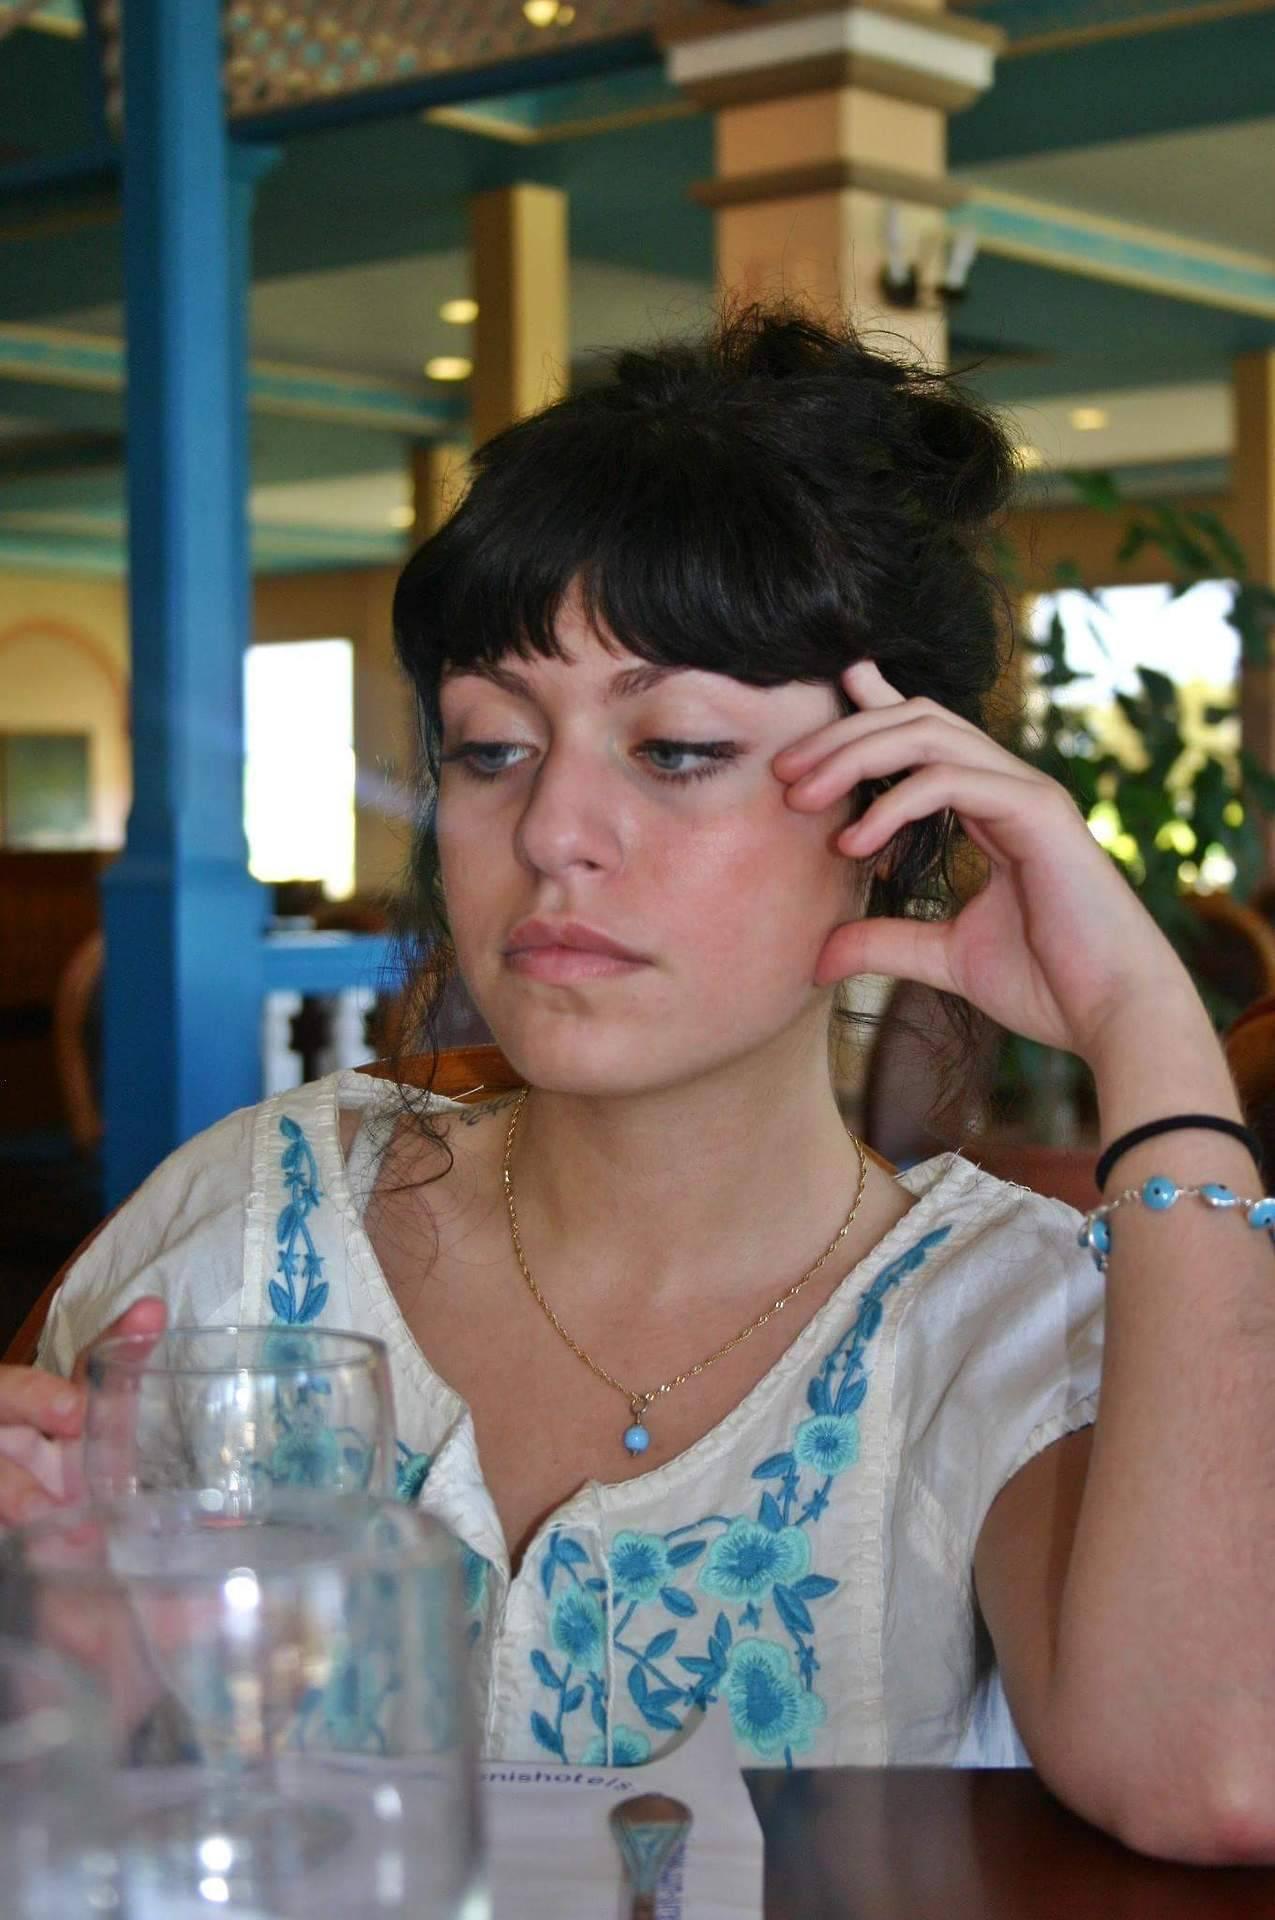 Aryana enjoying some white wine-